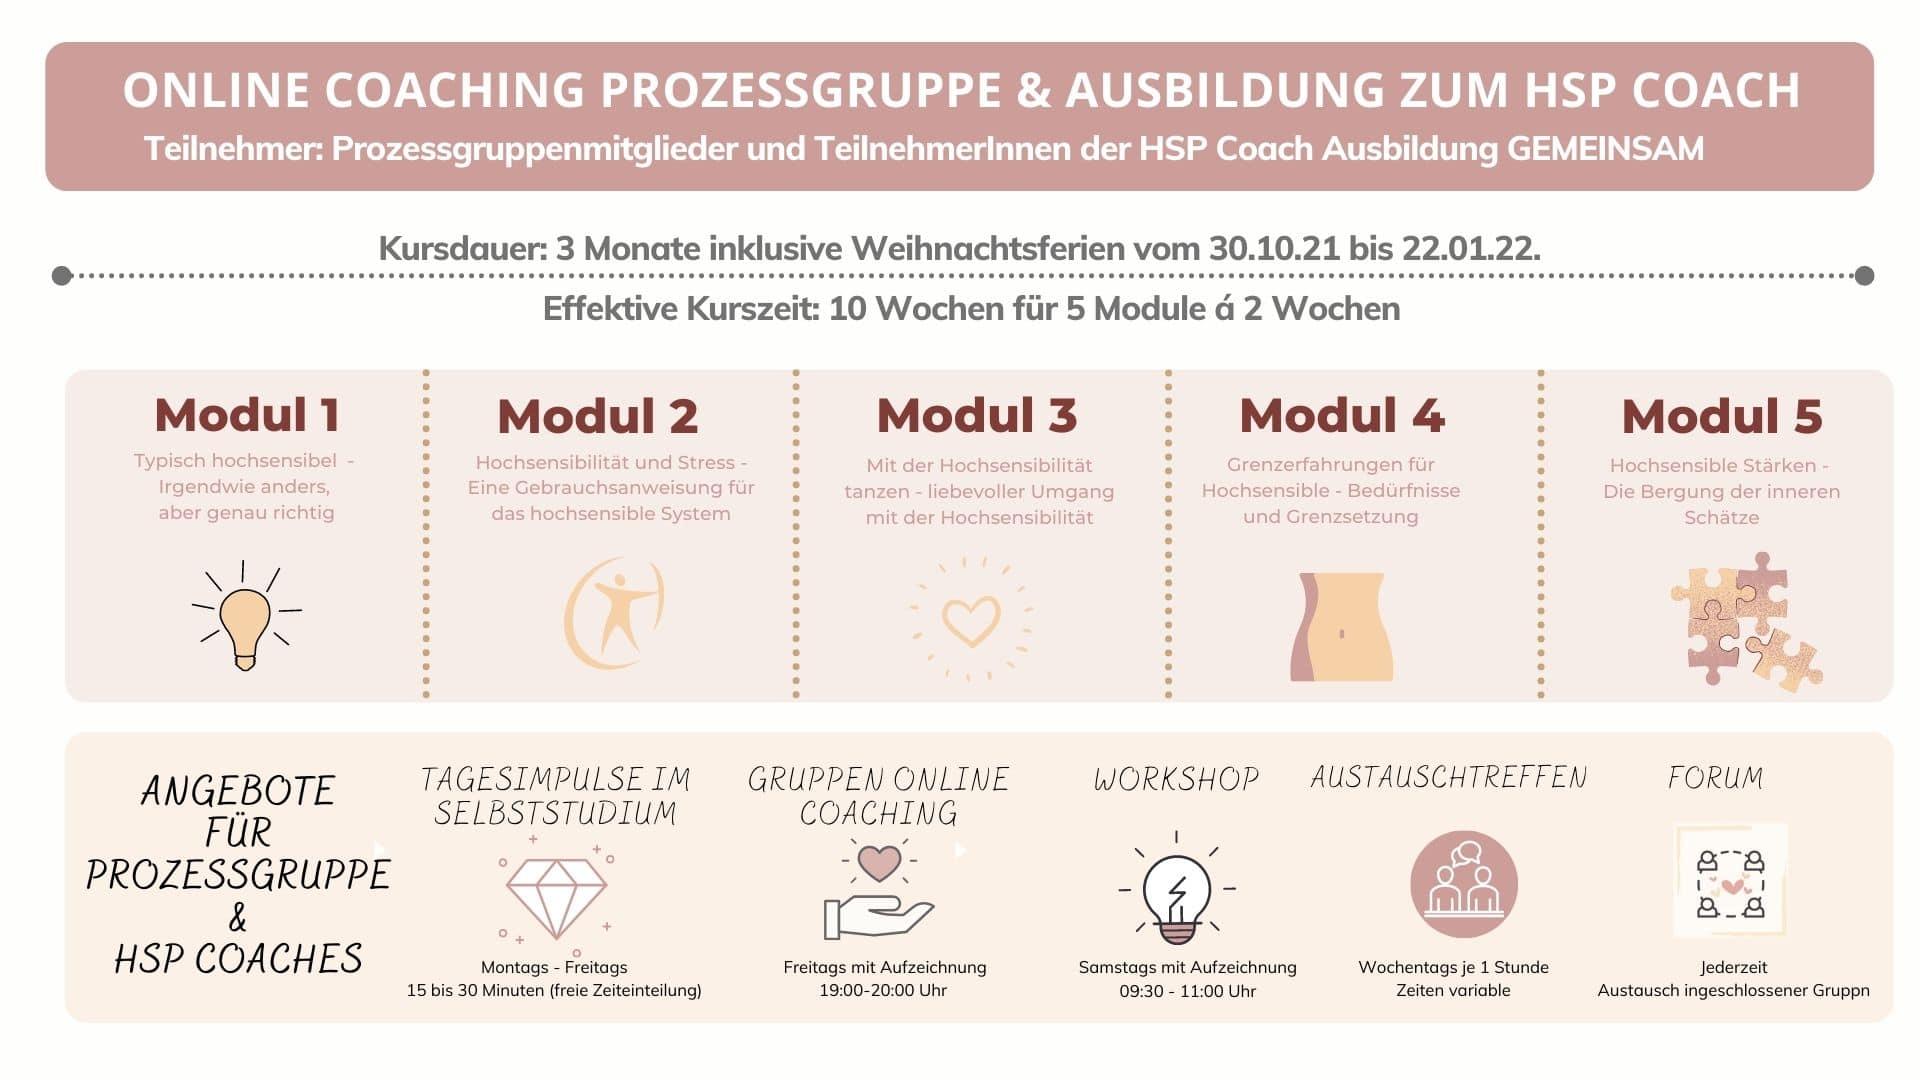 Online Coaching Prozessgruppe HSP Coach Uebersichtschart - Hochsensibilität und Trauma – Coaching, Seminare, Ausbildung und WeiterentwicklungWeiterentwicklung. -